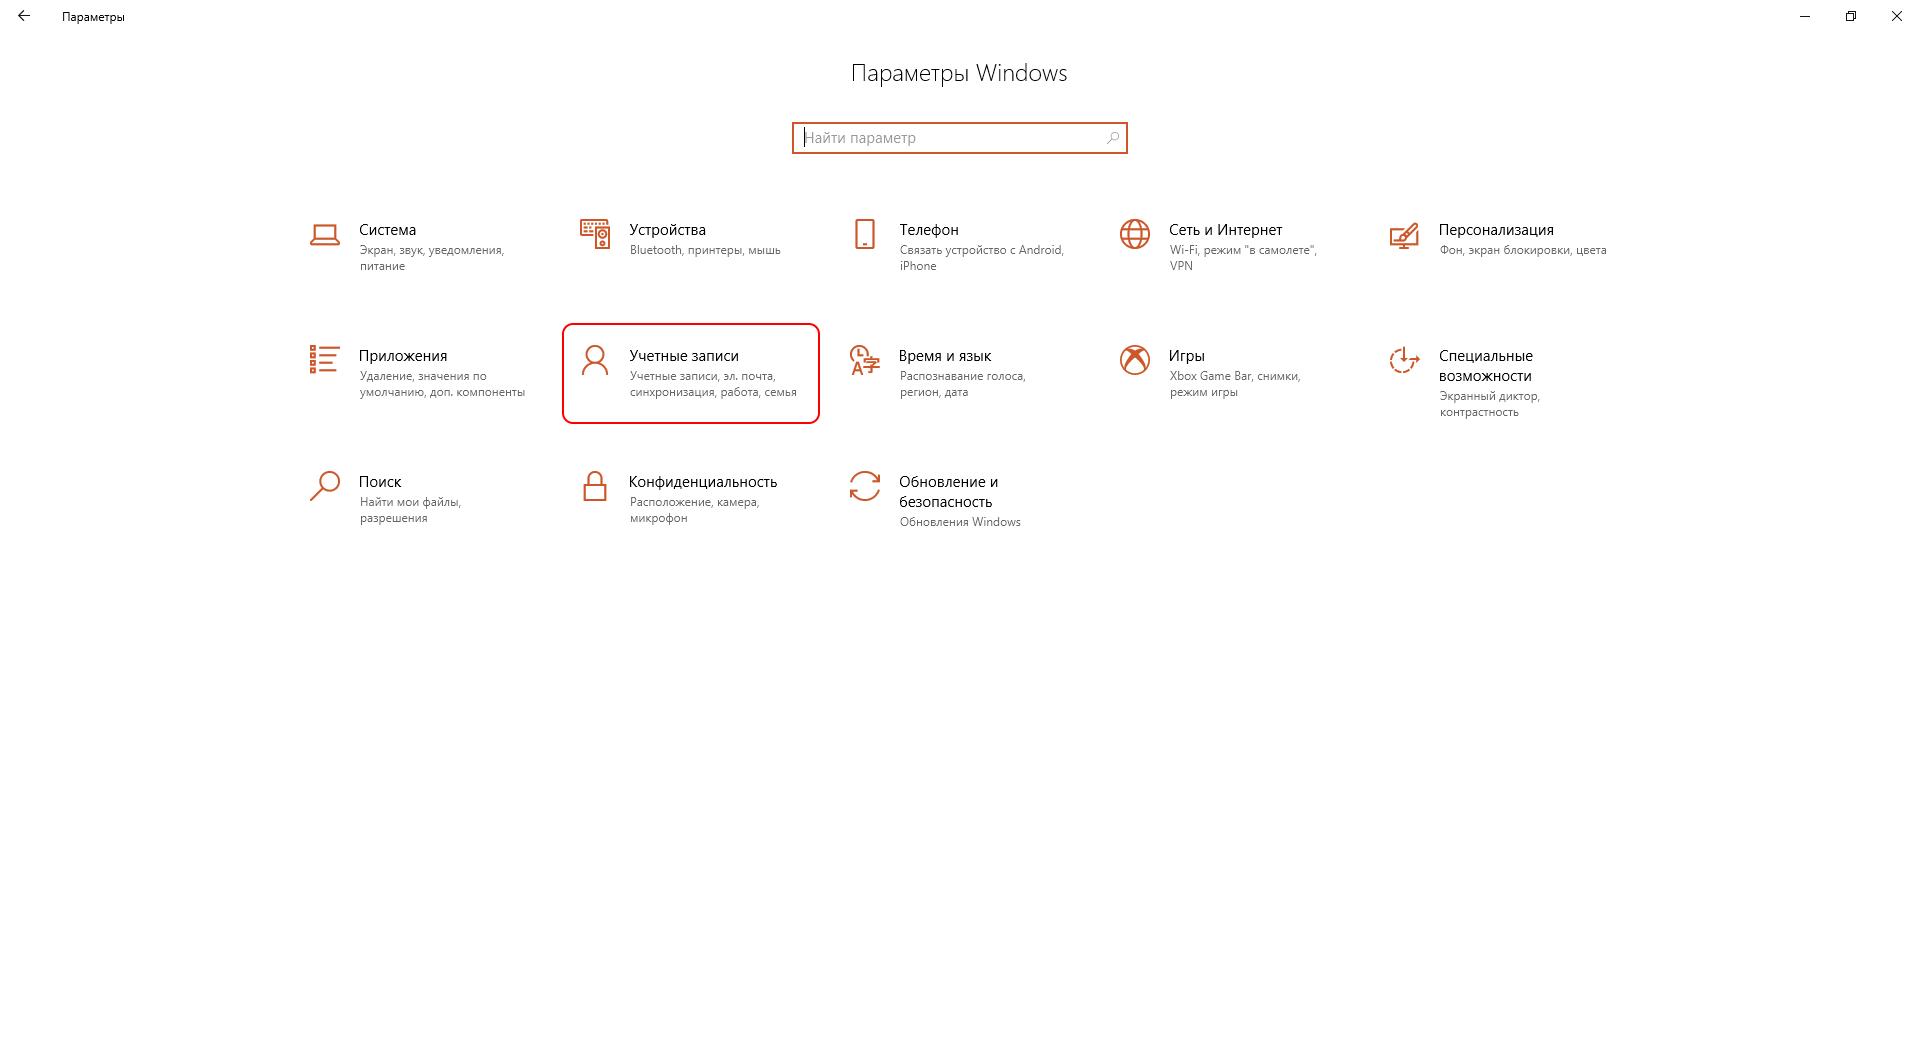 Выбор элемента 'Учётные записи'